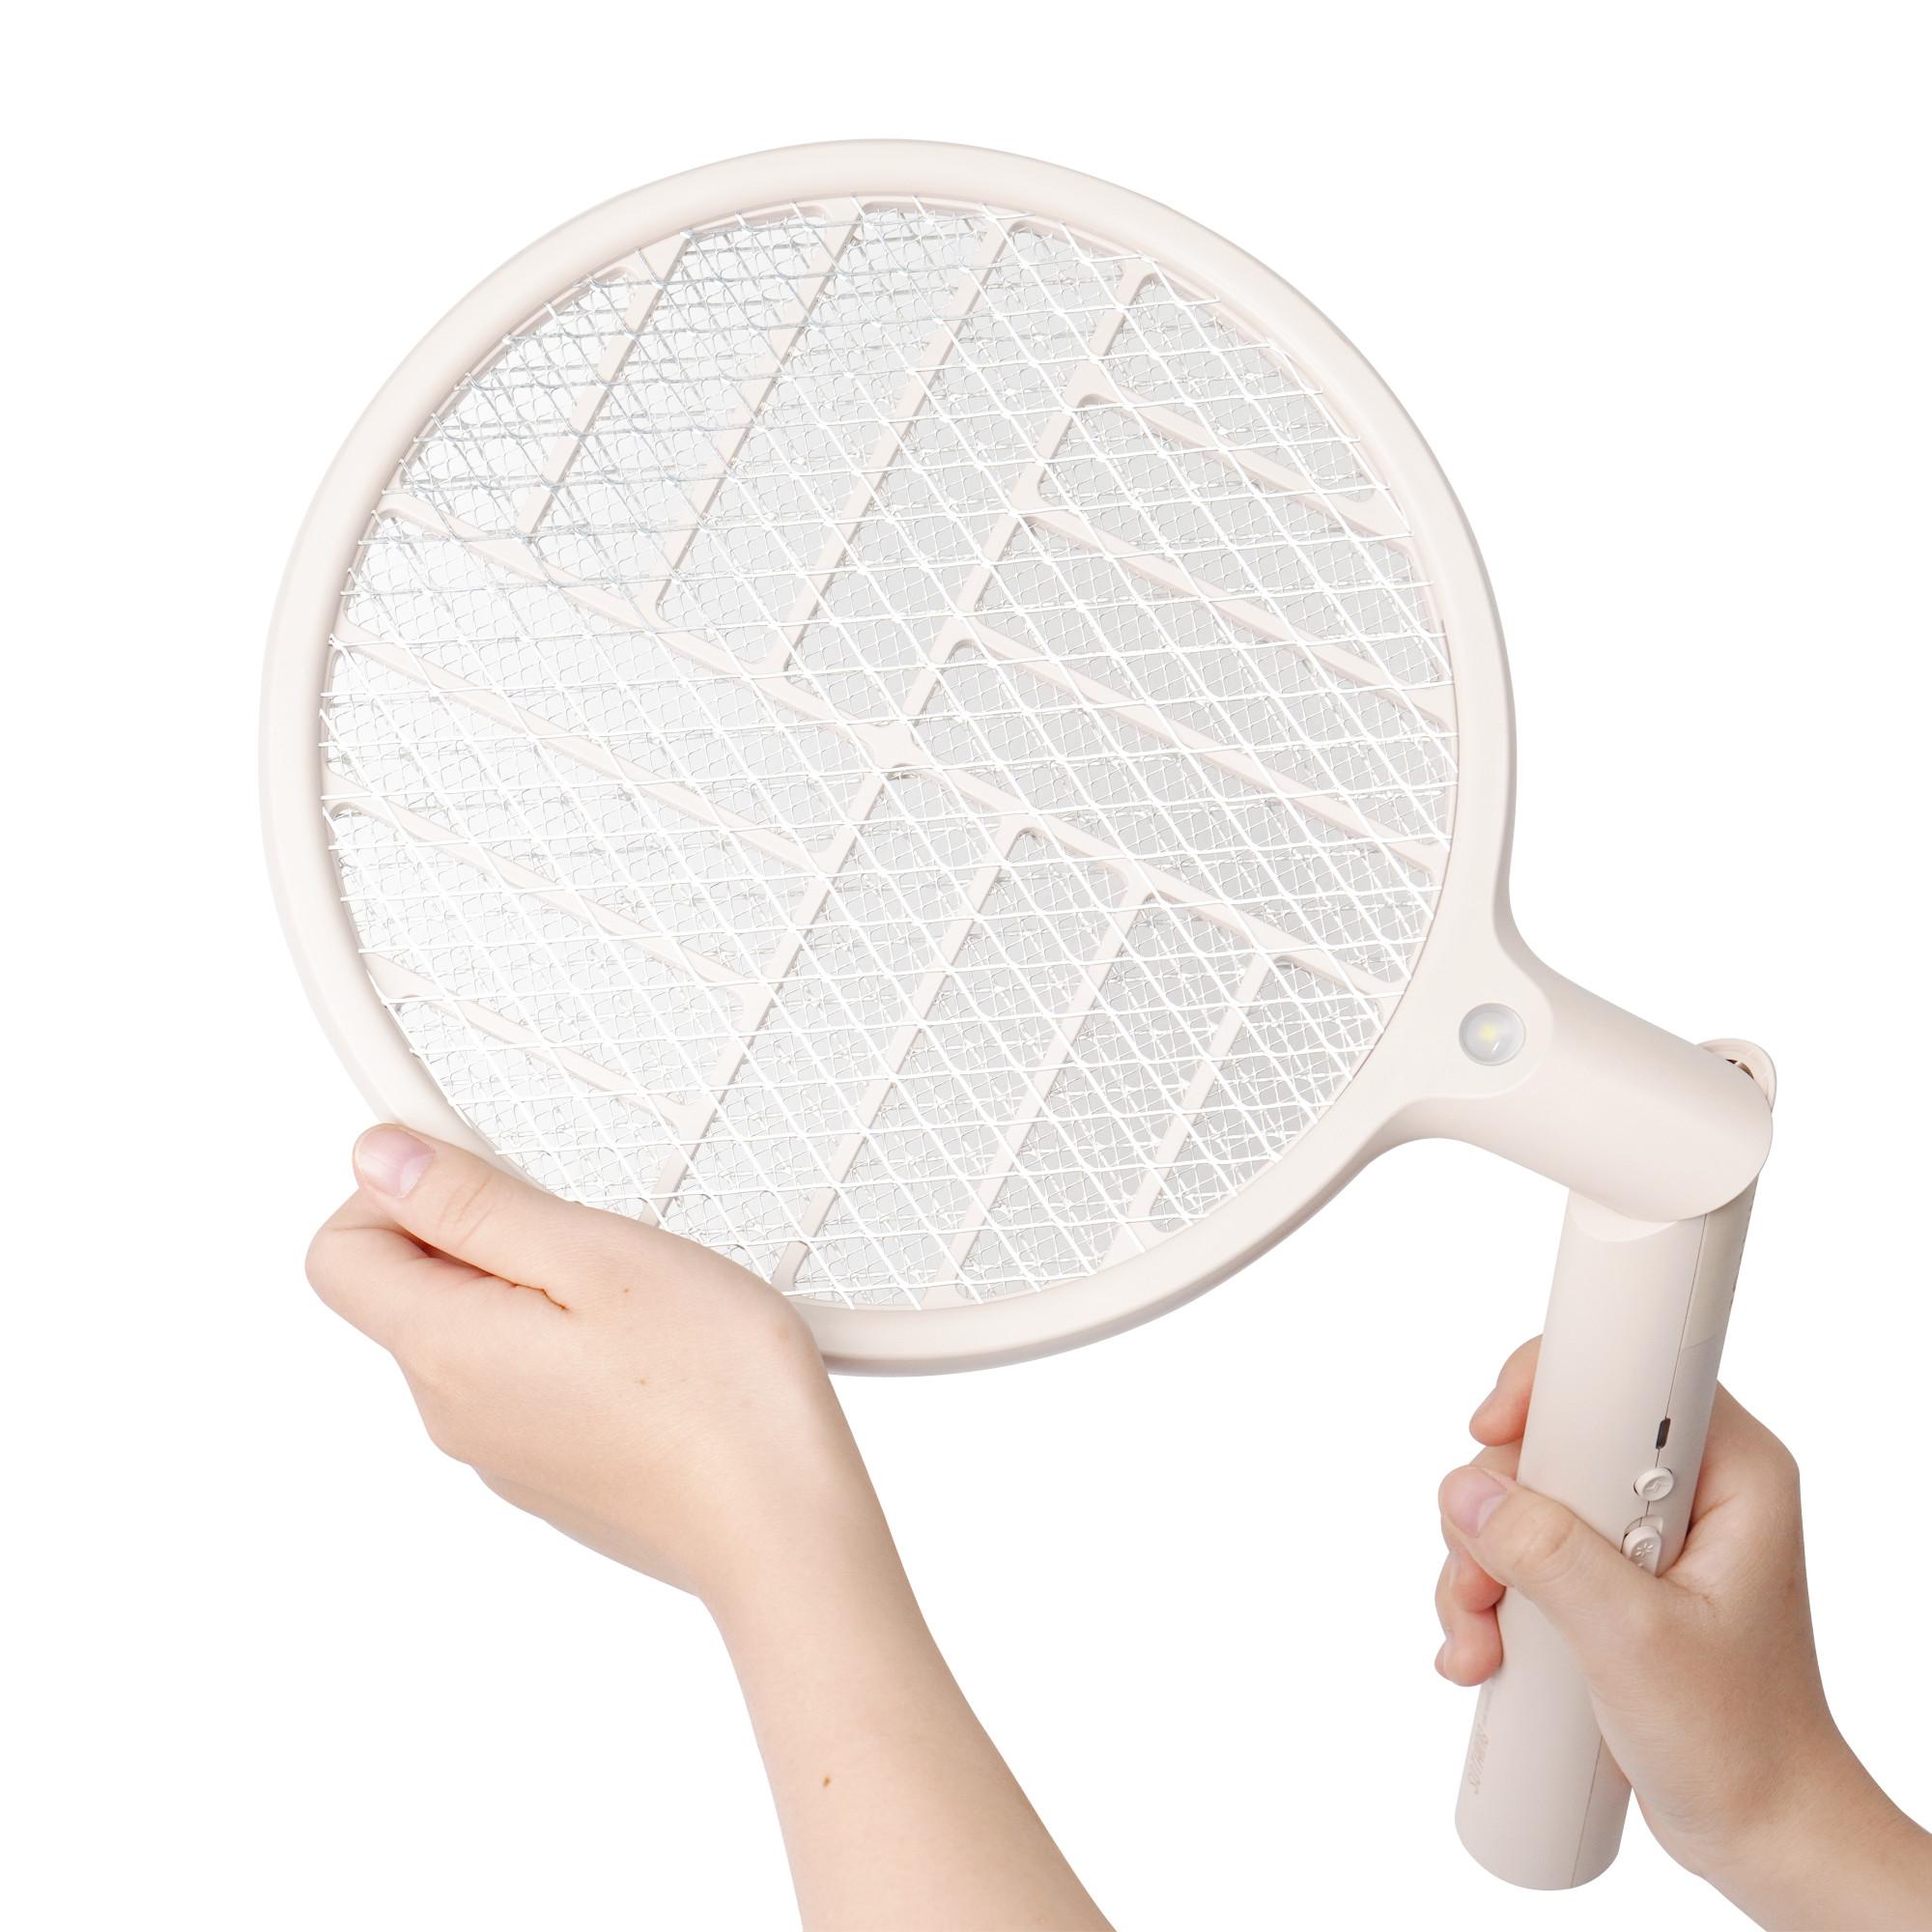 Vợt Bắt Muỗi Cầm Tay Tiện Lợi Với 3 Lớp Lưới Điện Dày, Diệt Muỗi Nhanh Chóng Và Hiệu Quả